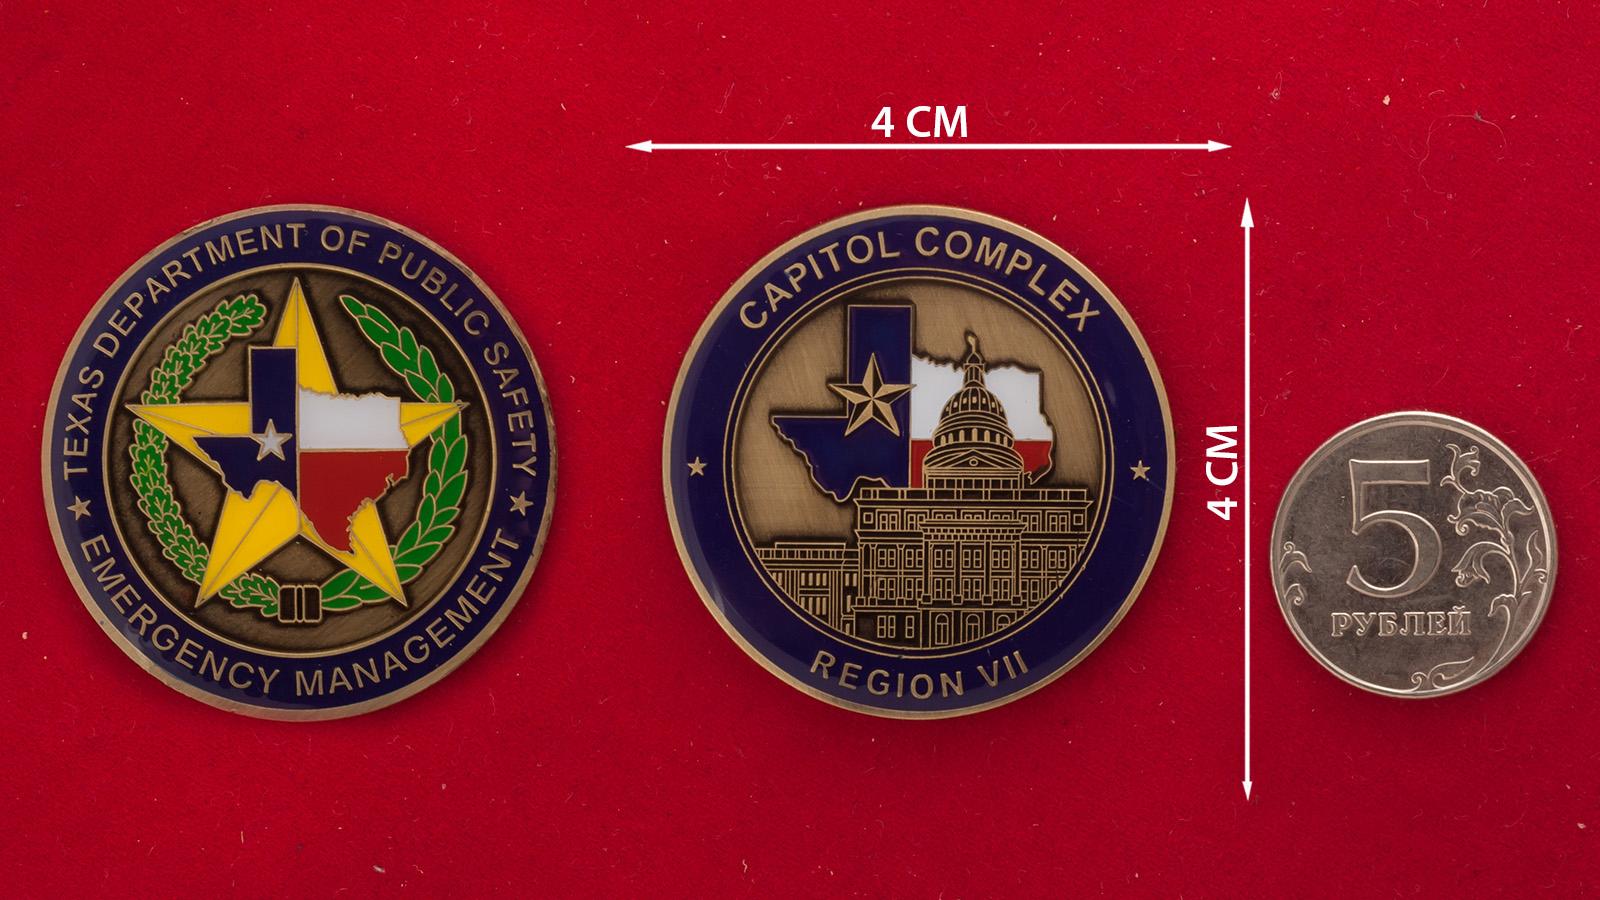 Челлендж коин Управления по чрезвычайным ситуациям Департамента общественной безопасности Техаса - сравнительный размер